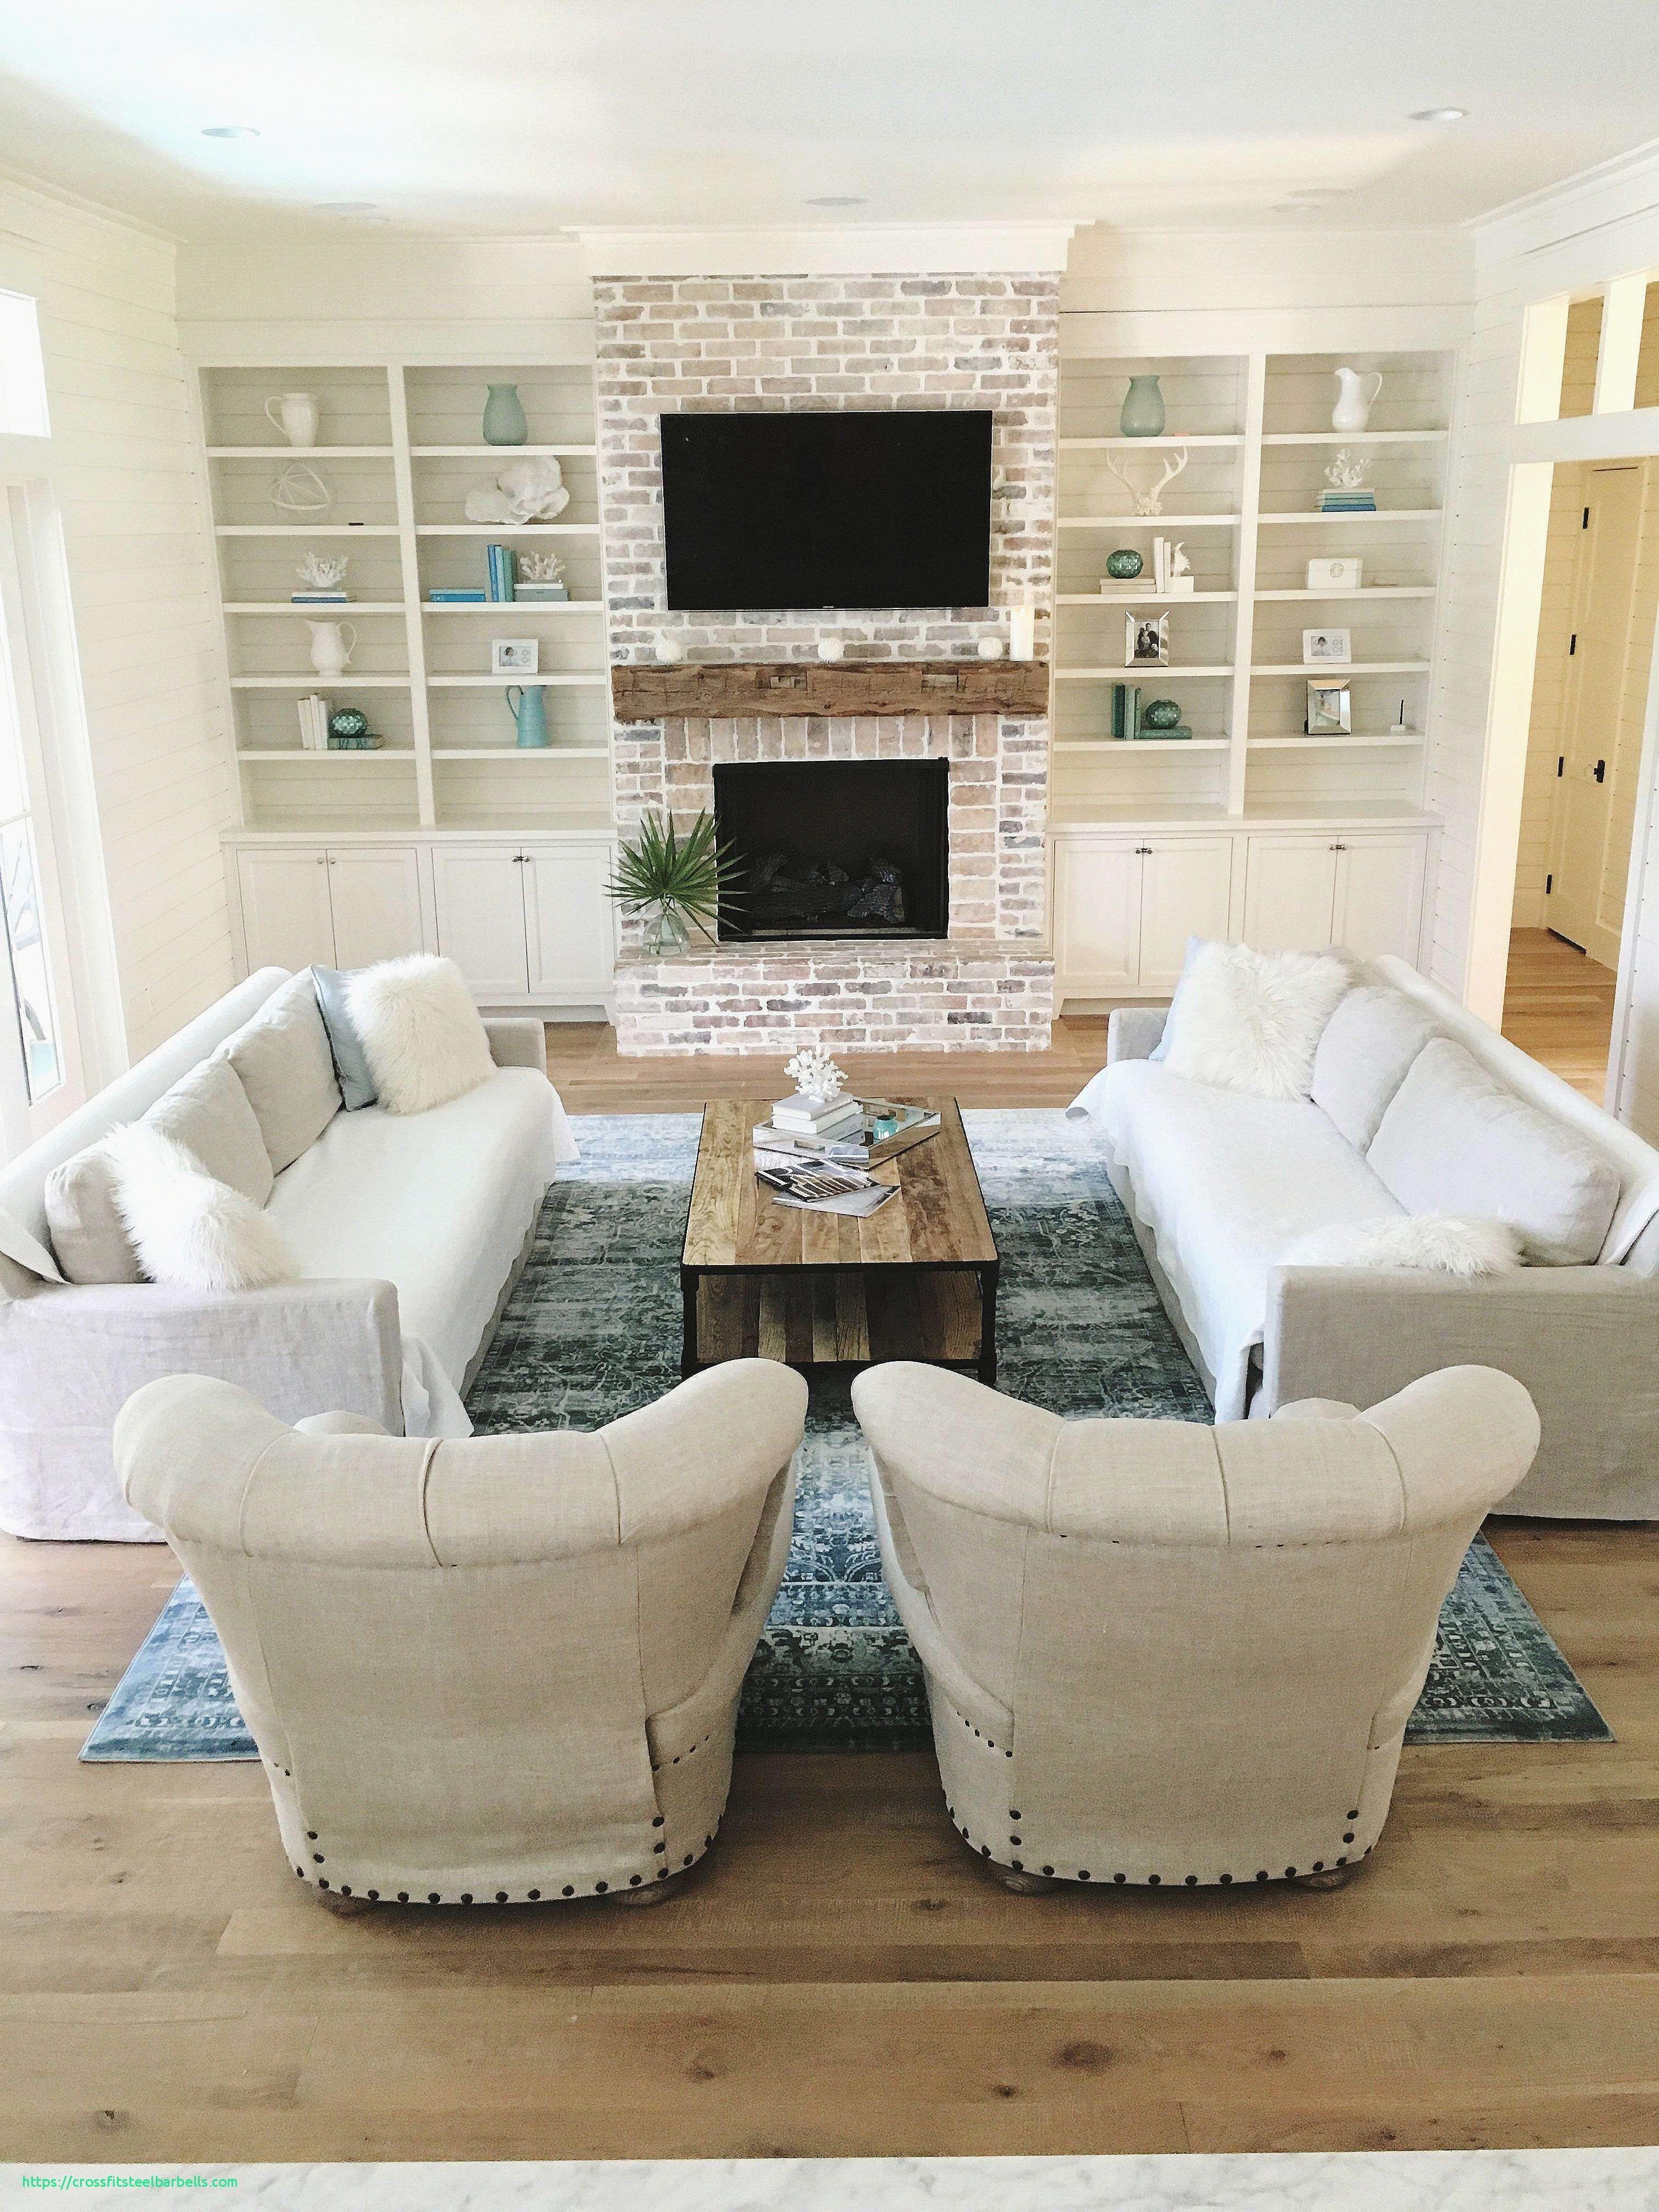 home decor ideas living room modern interior design elegant elegant living room ideas 2019 living room decor ideas of home decor ideas living room modern interior design